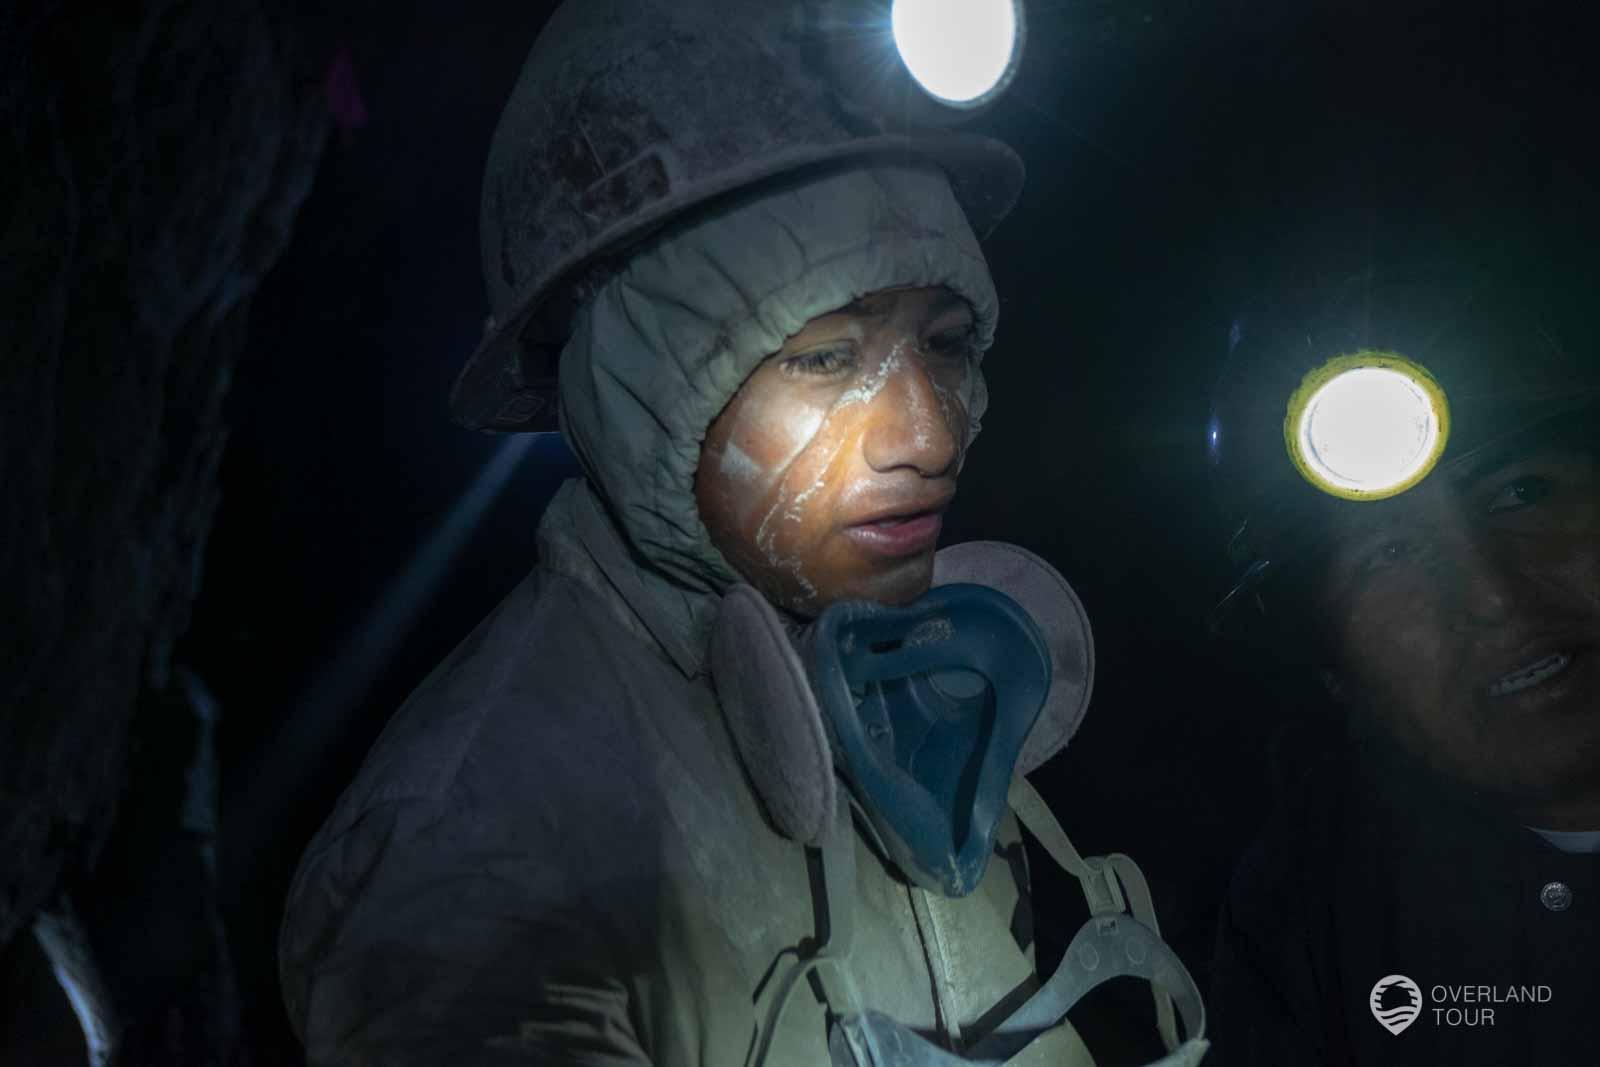 Nach der Sprengung. Dieser Minenarbeiter ist 17 Jahre alt gewesen und man kann die Anstrengungen sehr gut im Gesicht erkennen